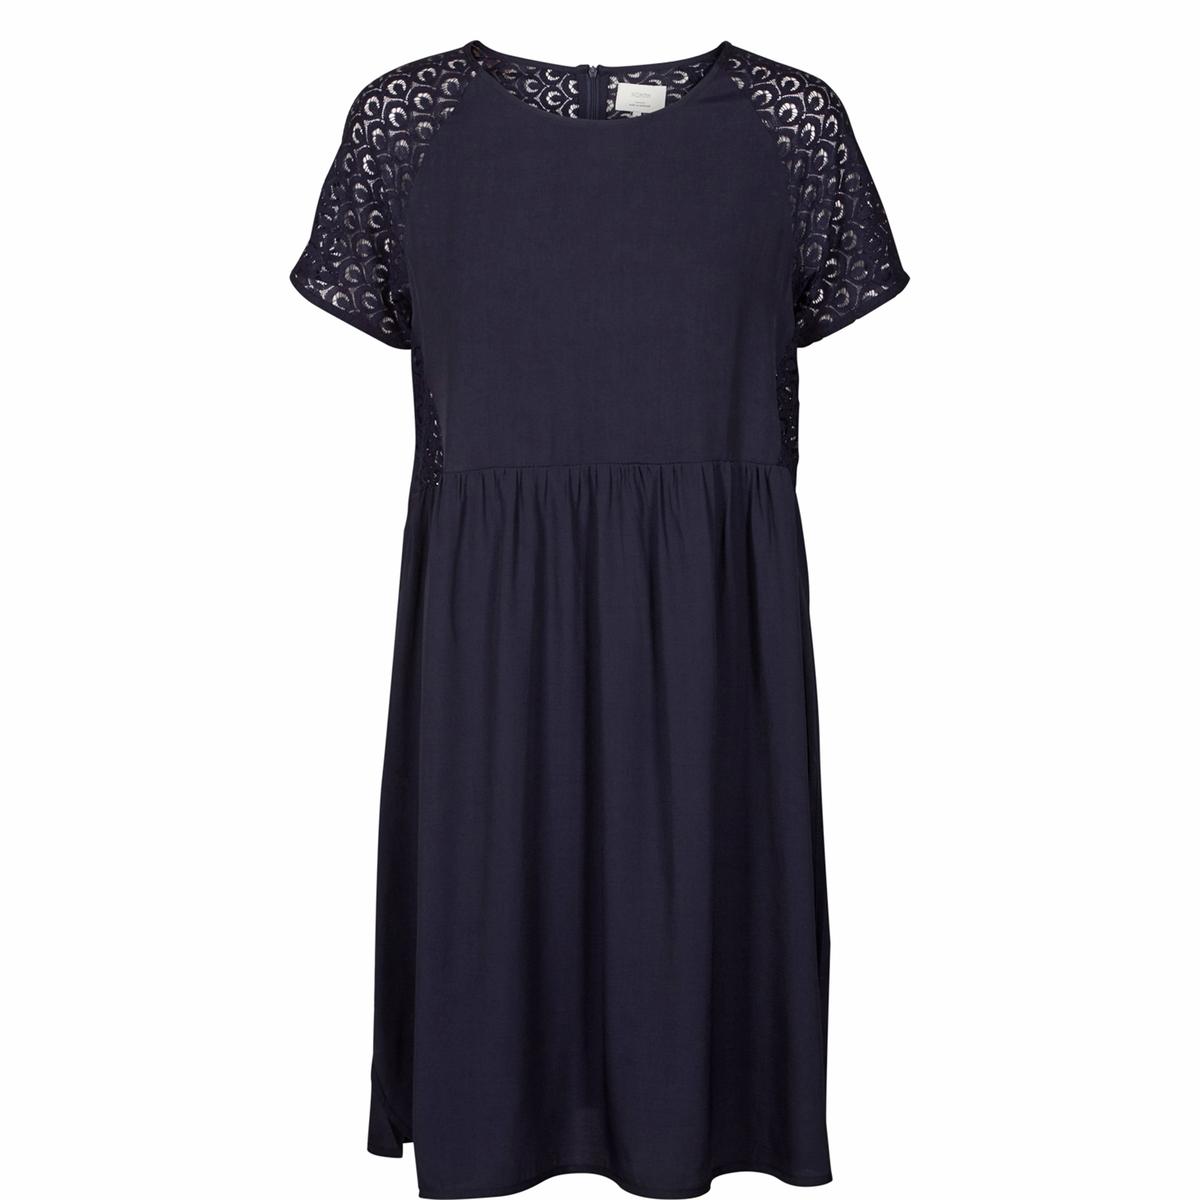 где купить Платье с короткими рукавами, рукава и спинка из ажурного кружева по лучшей цене